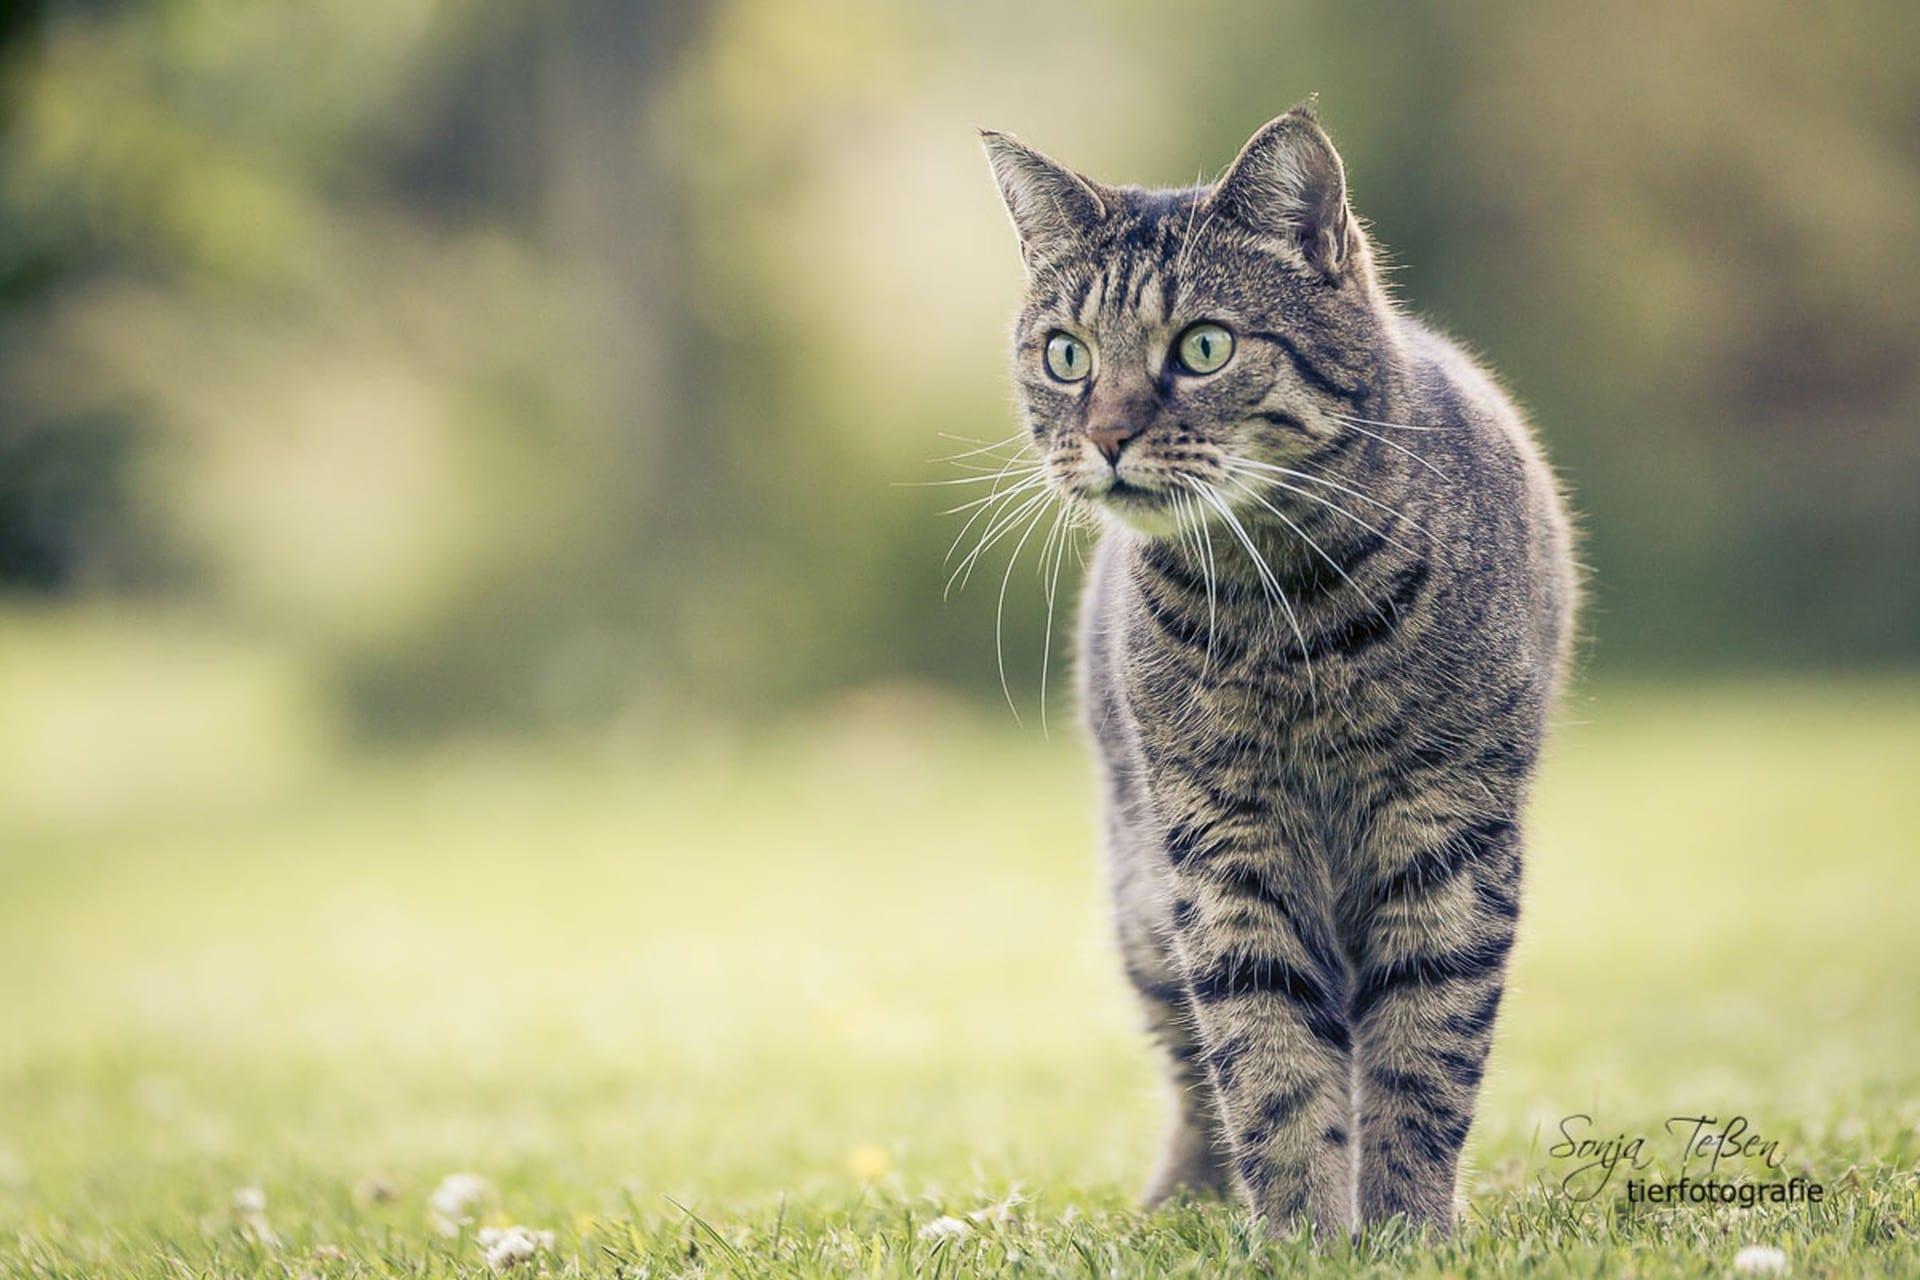 914-Outdoorpixl-Teßen---Tierfotografie-Tierfotos-fcLQ44Rd